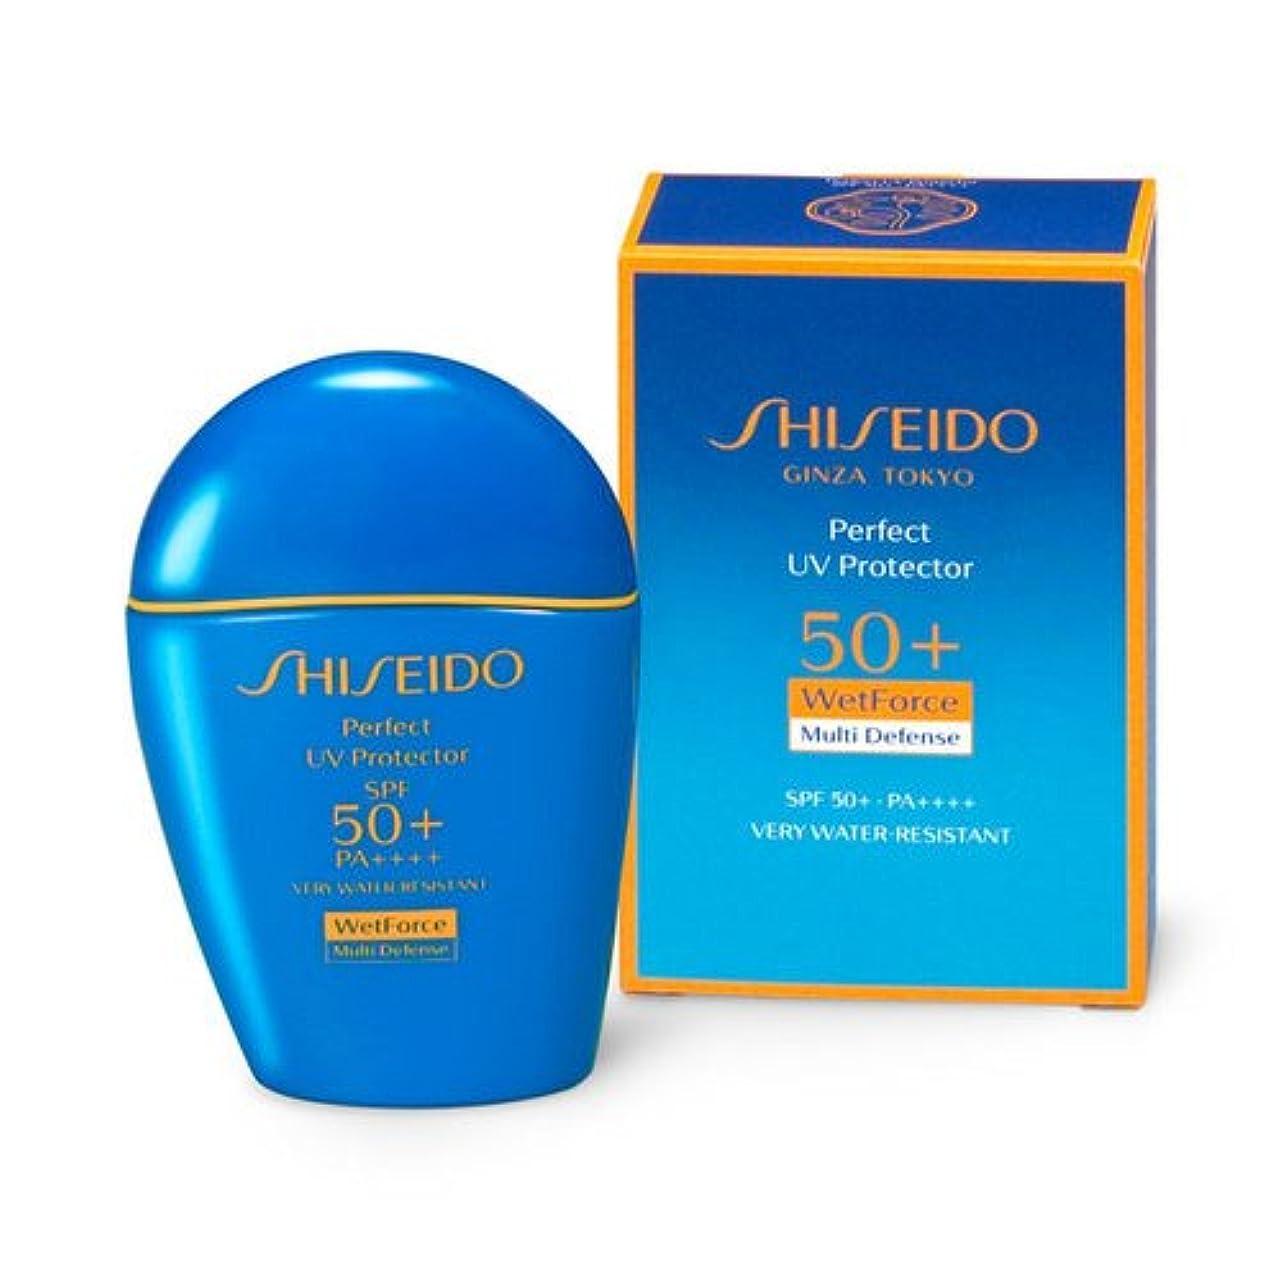 波めまいが早めるSHISEIDO Suncare(資生堂 サンケア) SHISEIDO(資生堂) パーフェクト UVプロテクター 50mL